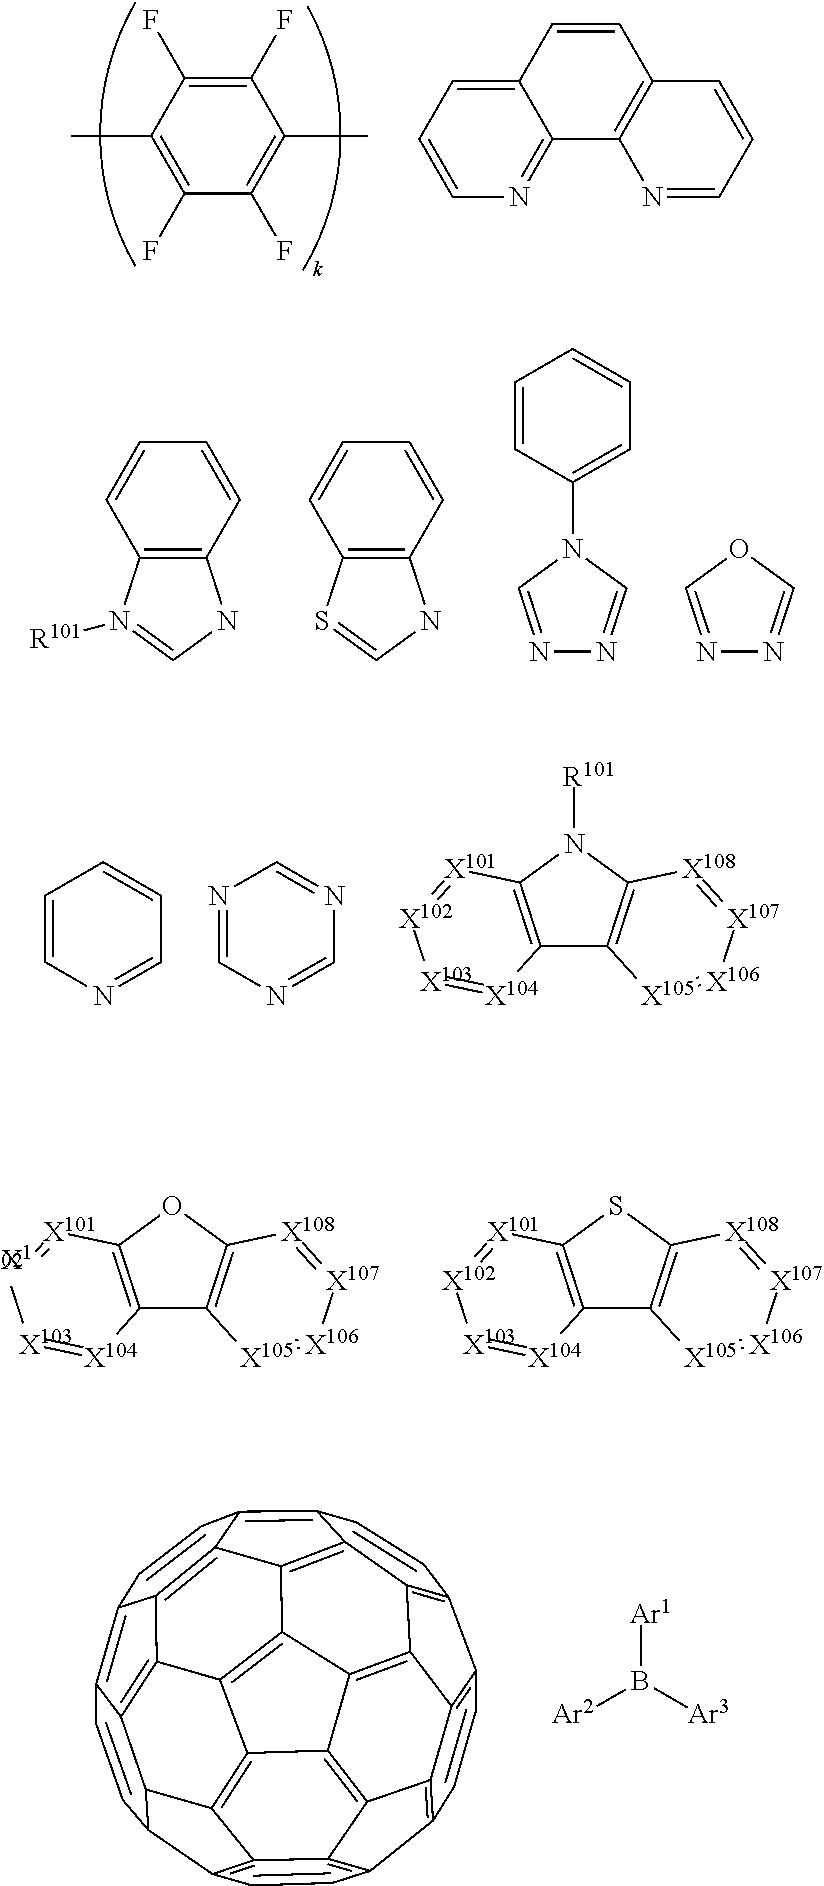 Figure US20190161504A1-20190530-C00086